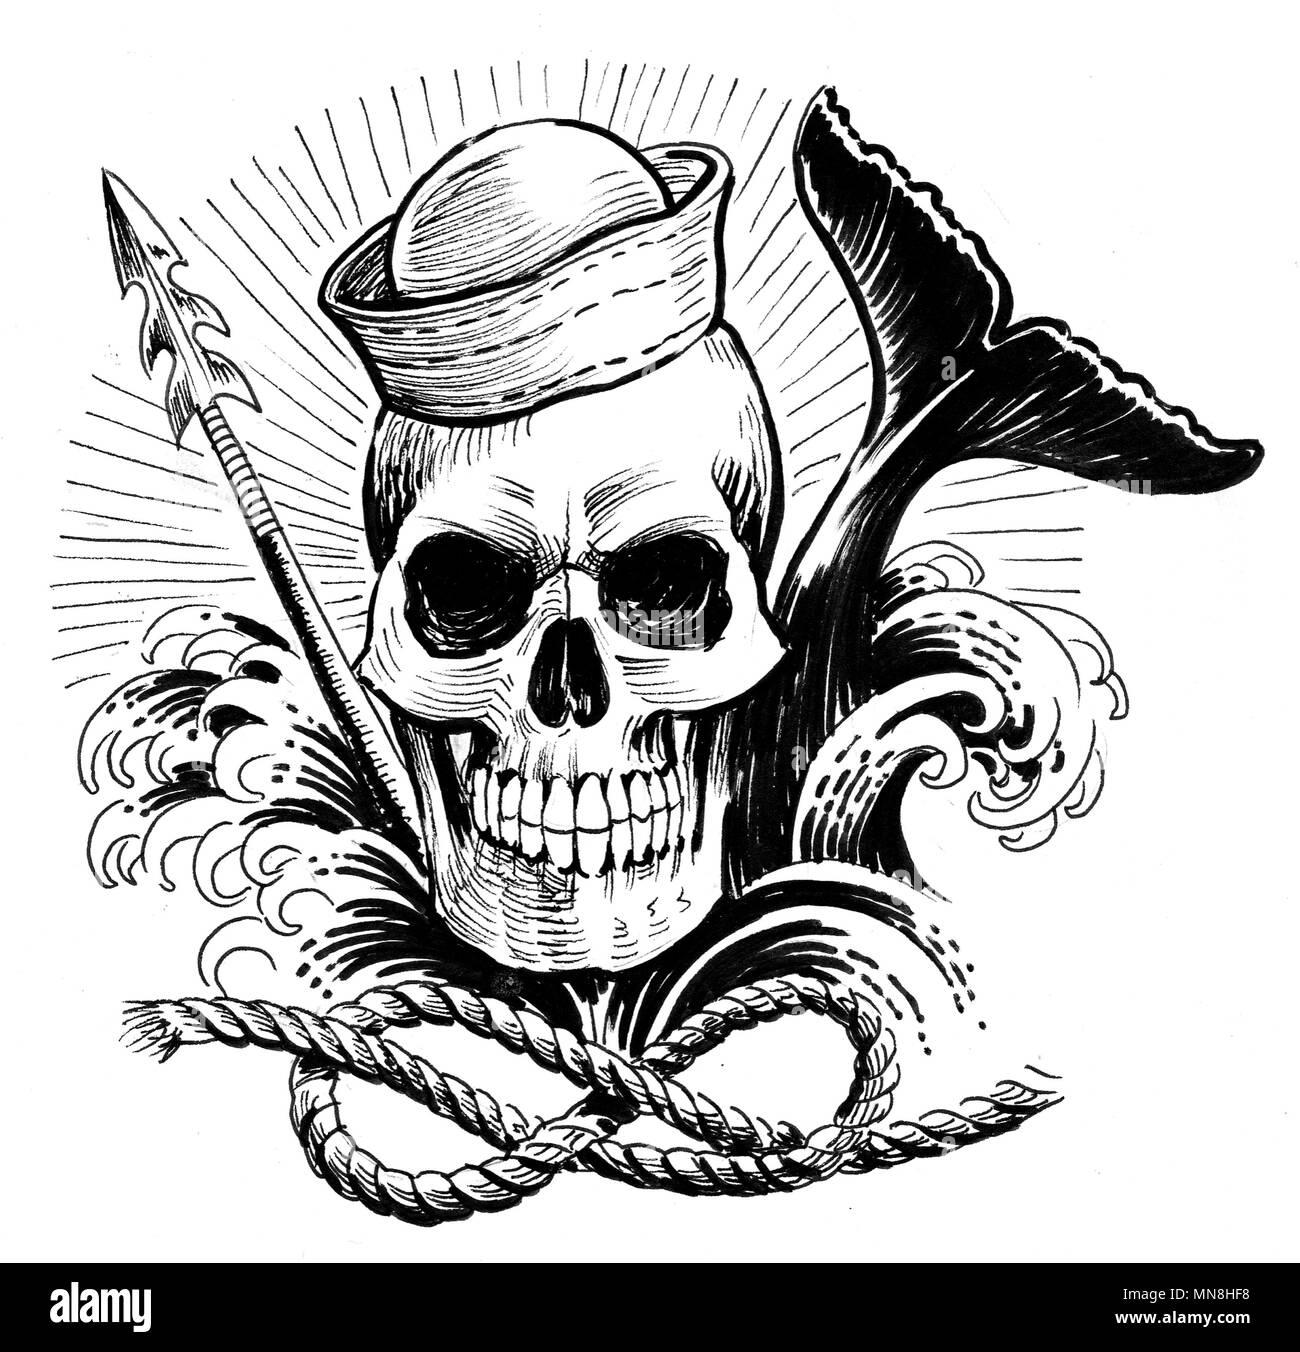 Marinero Muerto Y La Ballena Dibujo En Blanco Y Negro De Tinta Foto